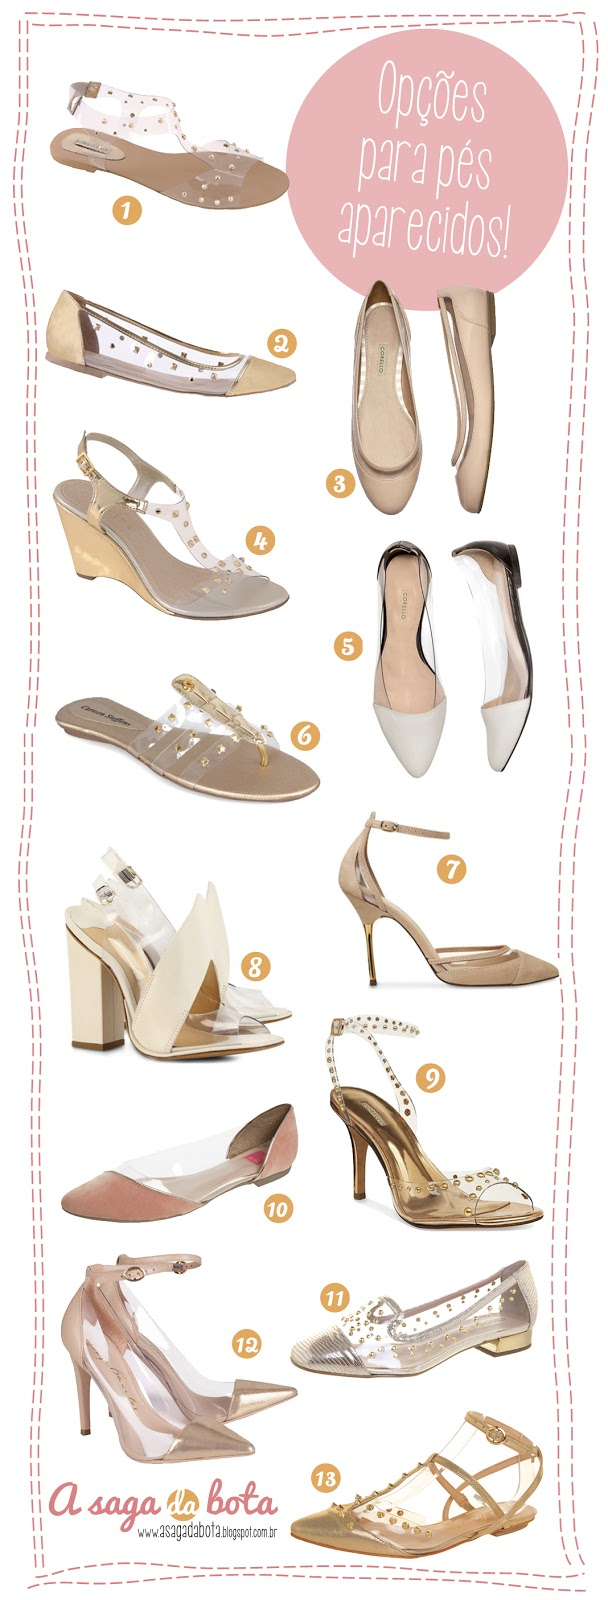 primavera verão 2014, moda, sapatos, sandálias, tendência, sandália, corello, schutz, luiza Barcelos, C&A ,nude, chique, dourado, casual, conforto, festa, branco.